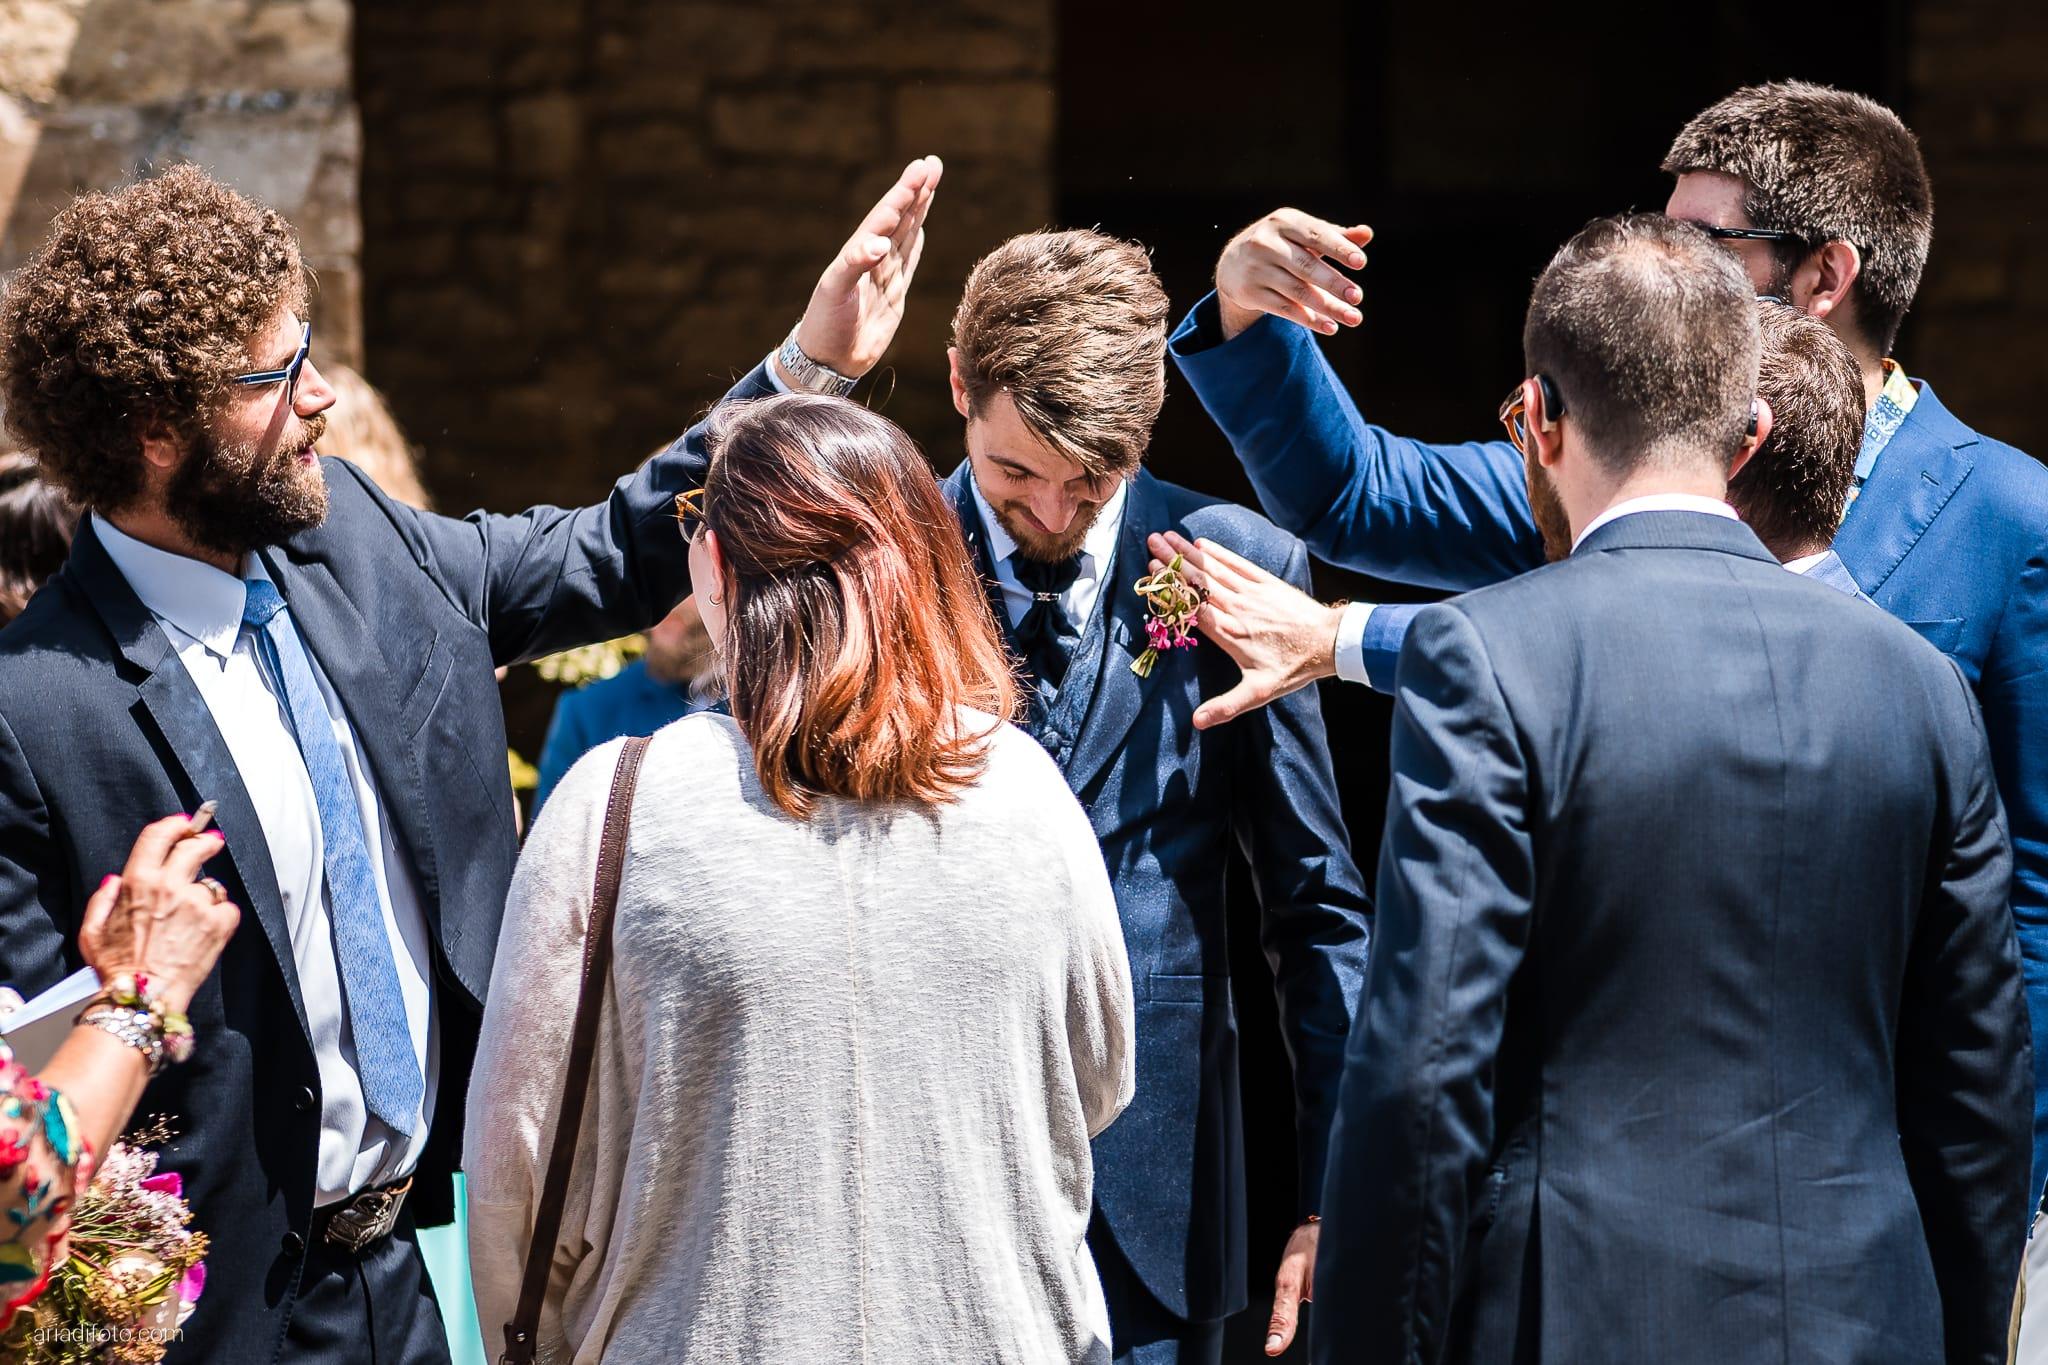 Giorgia Davide Matrimonio Chiesa Santa Maria Assunta Muggia Vecchia Trieste Baronesse Tacco San Floriano Del Collio Gorizia cerimonia